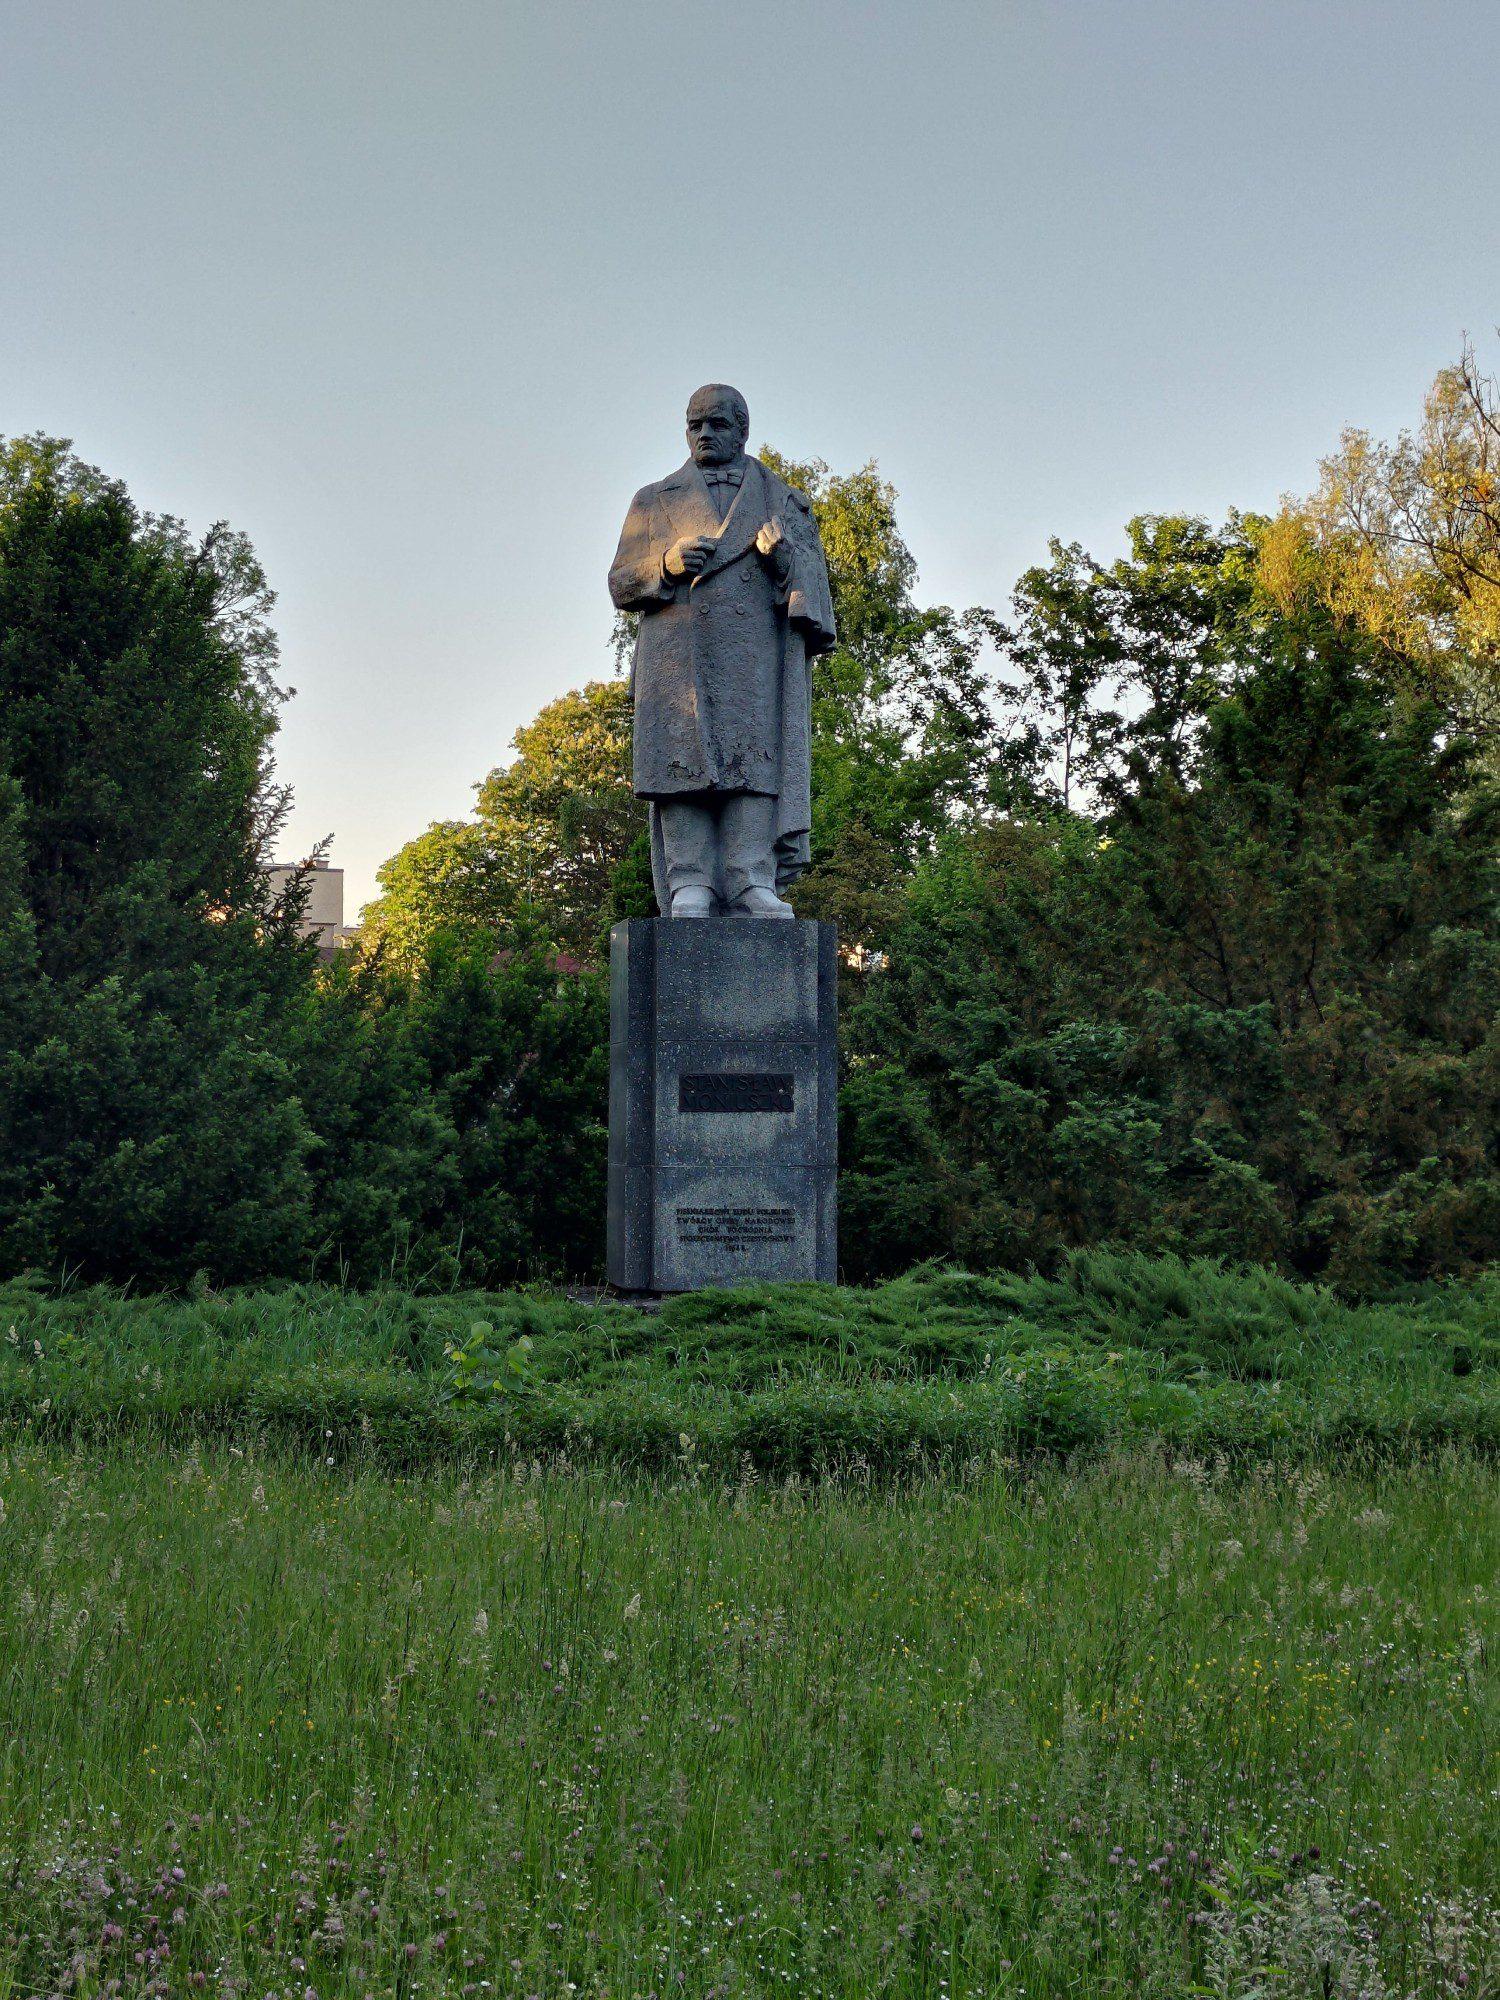 Pomnik w przybliżeniu x2